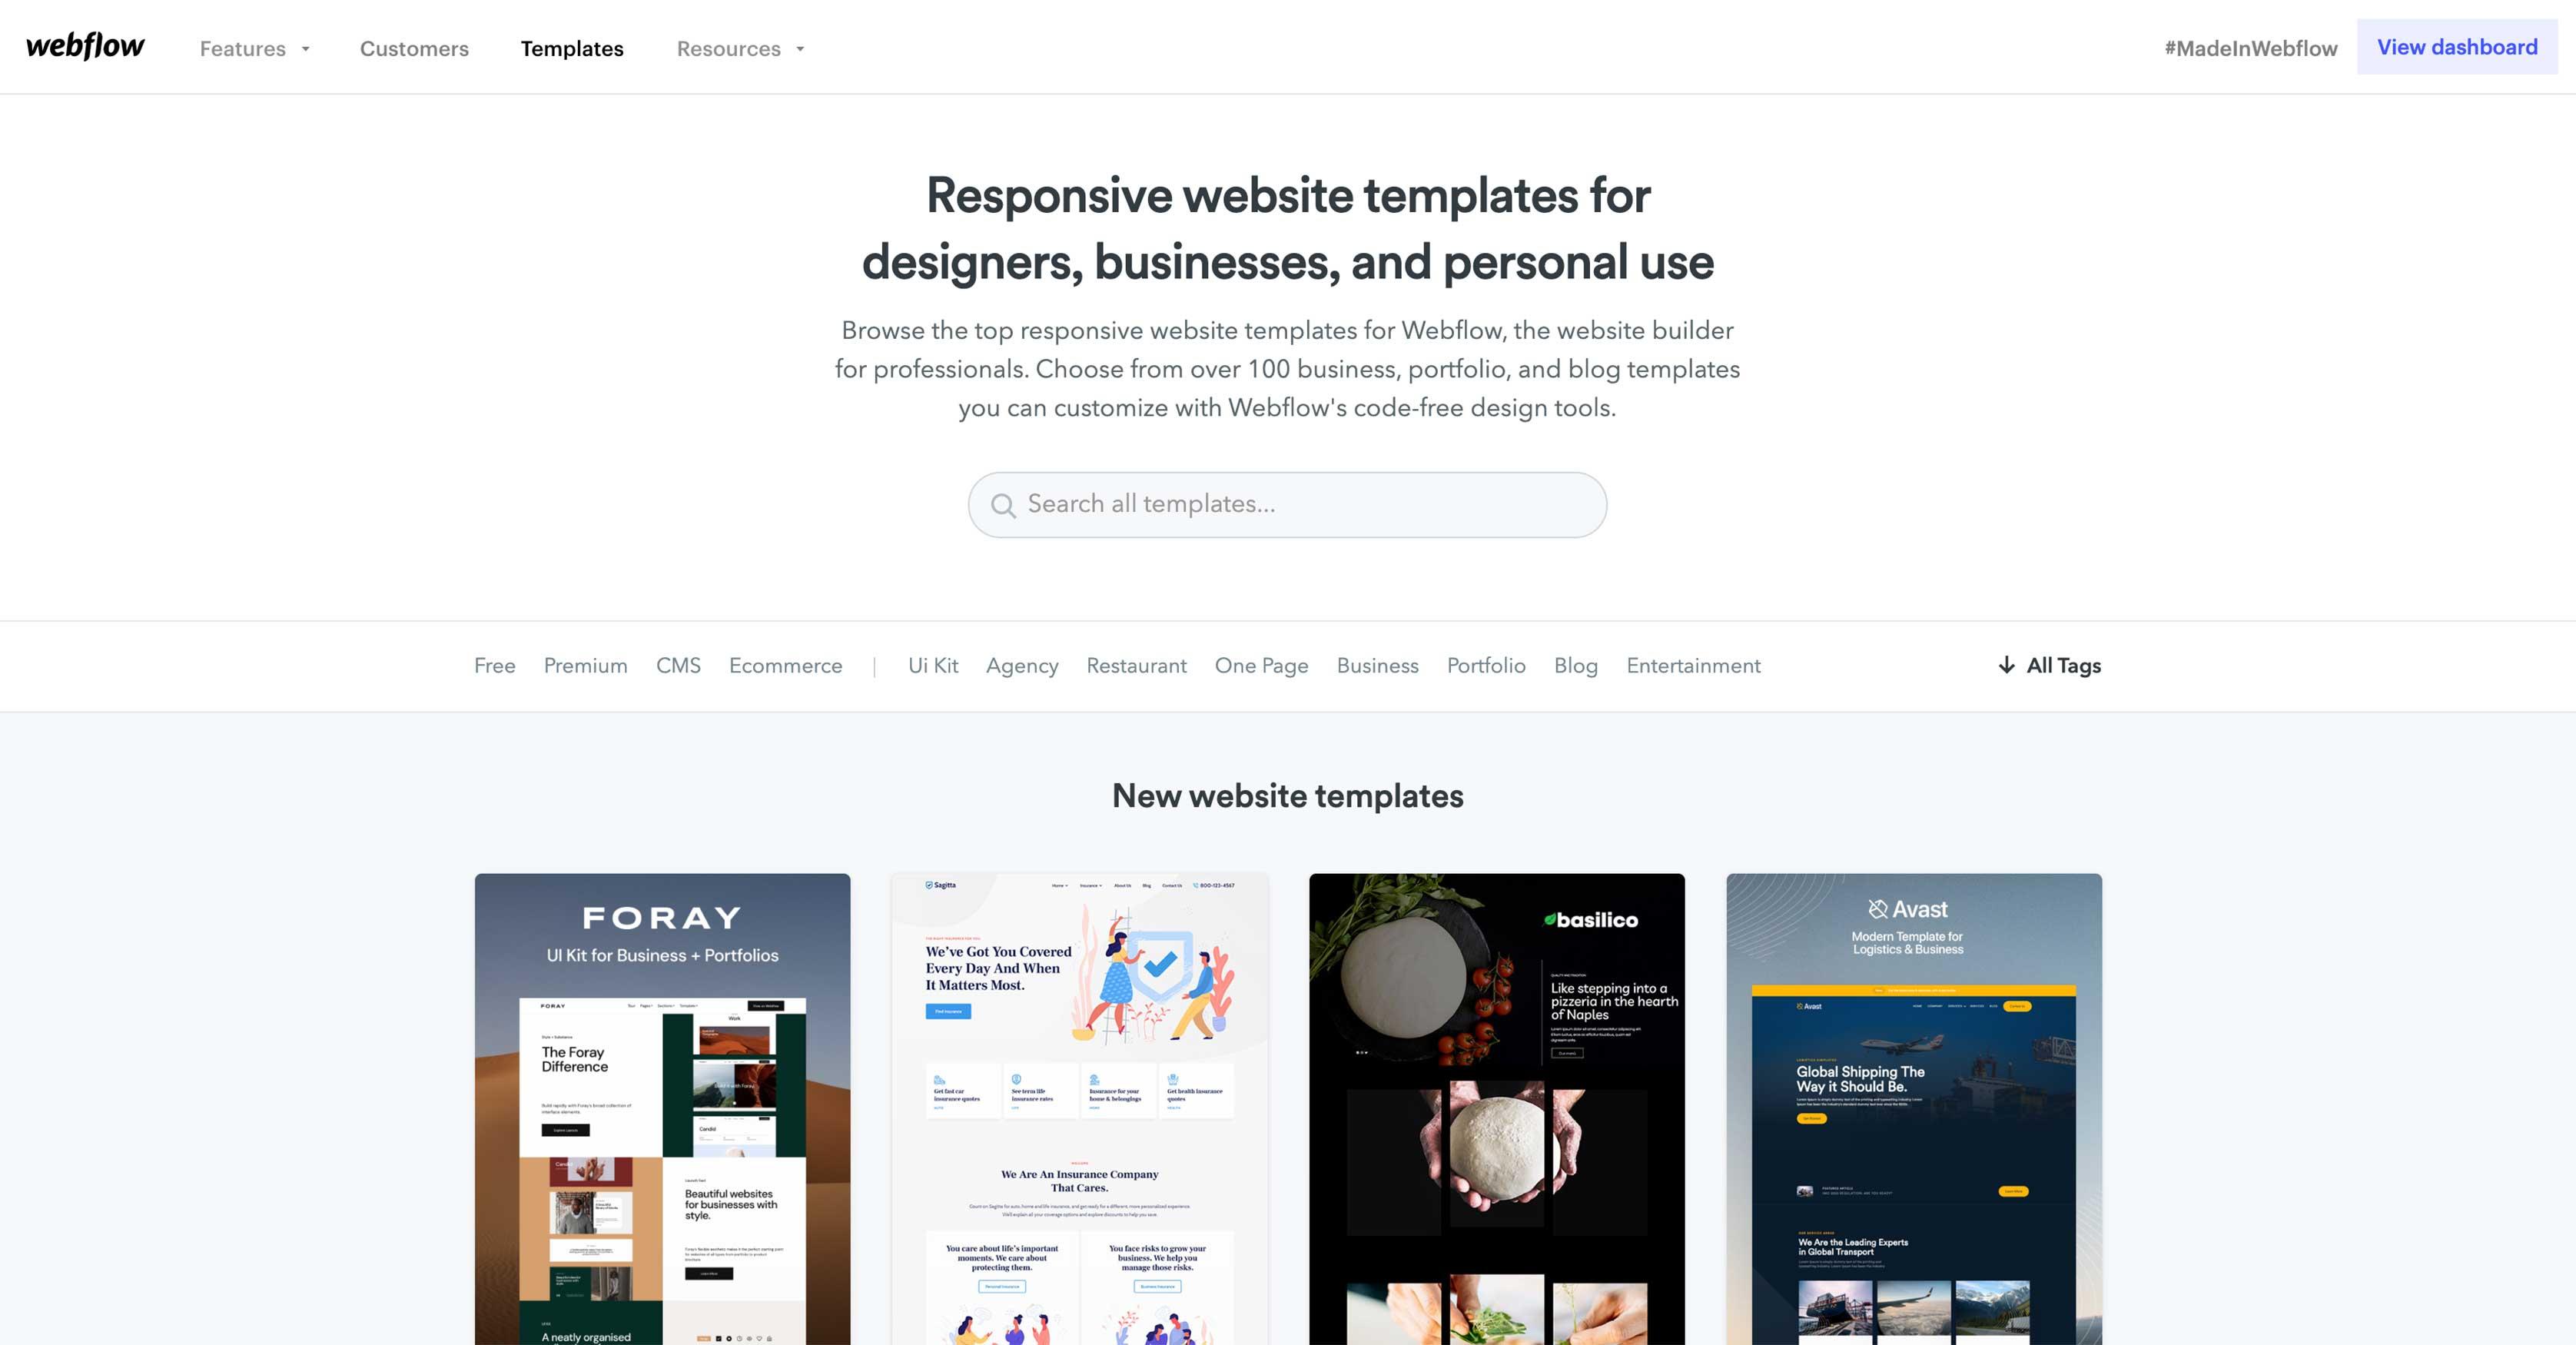 webflow template marketplace